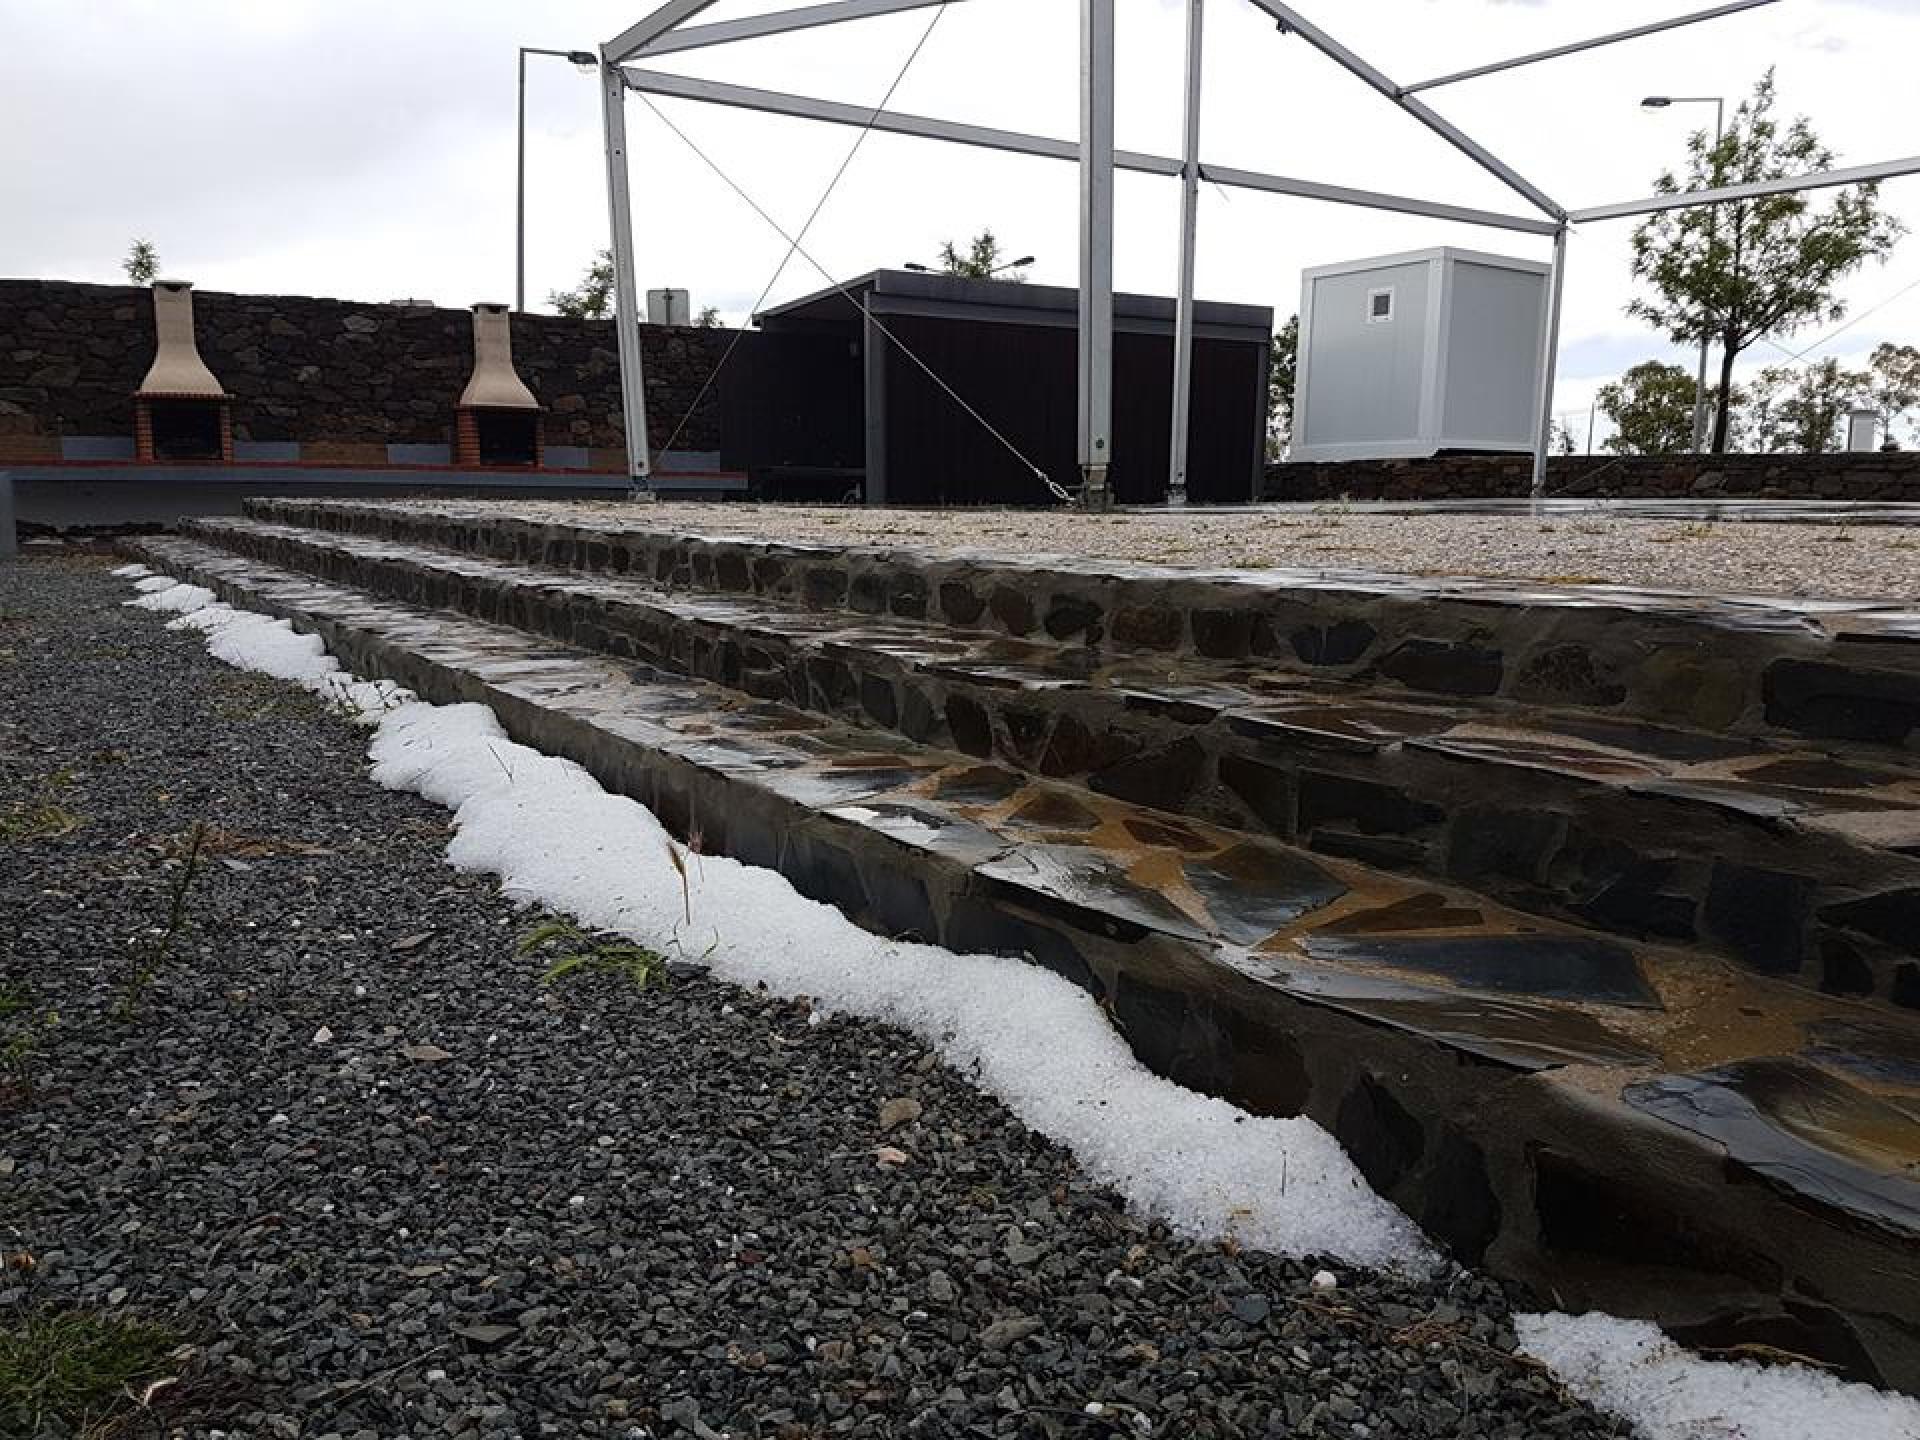 Granizo pinta de branco serra algarvia e causa danos em Alcoutim